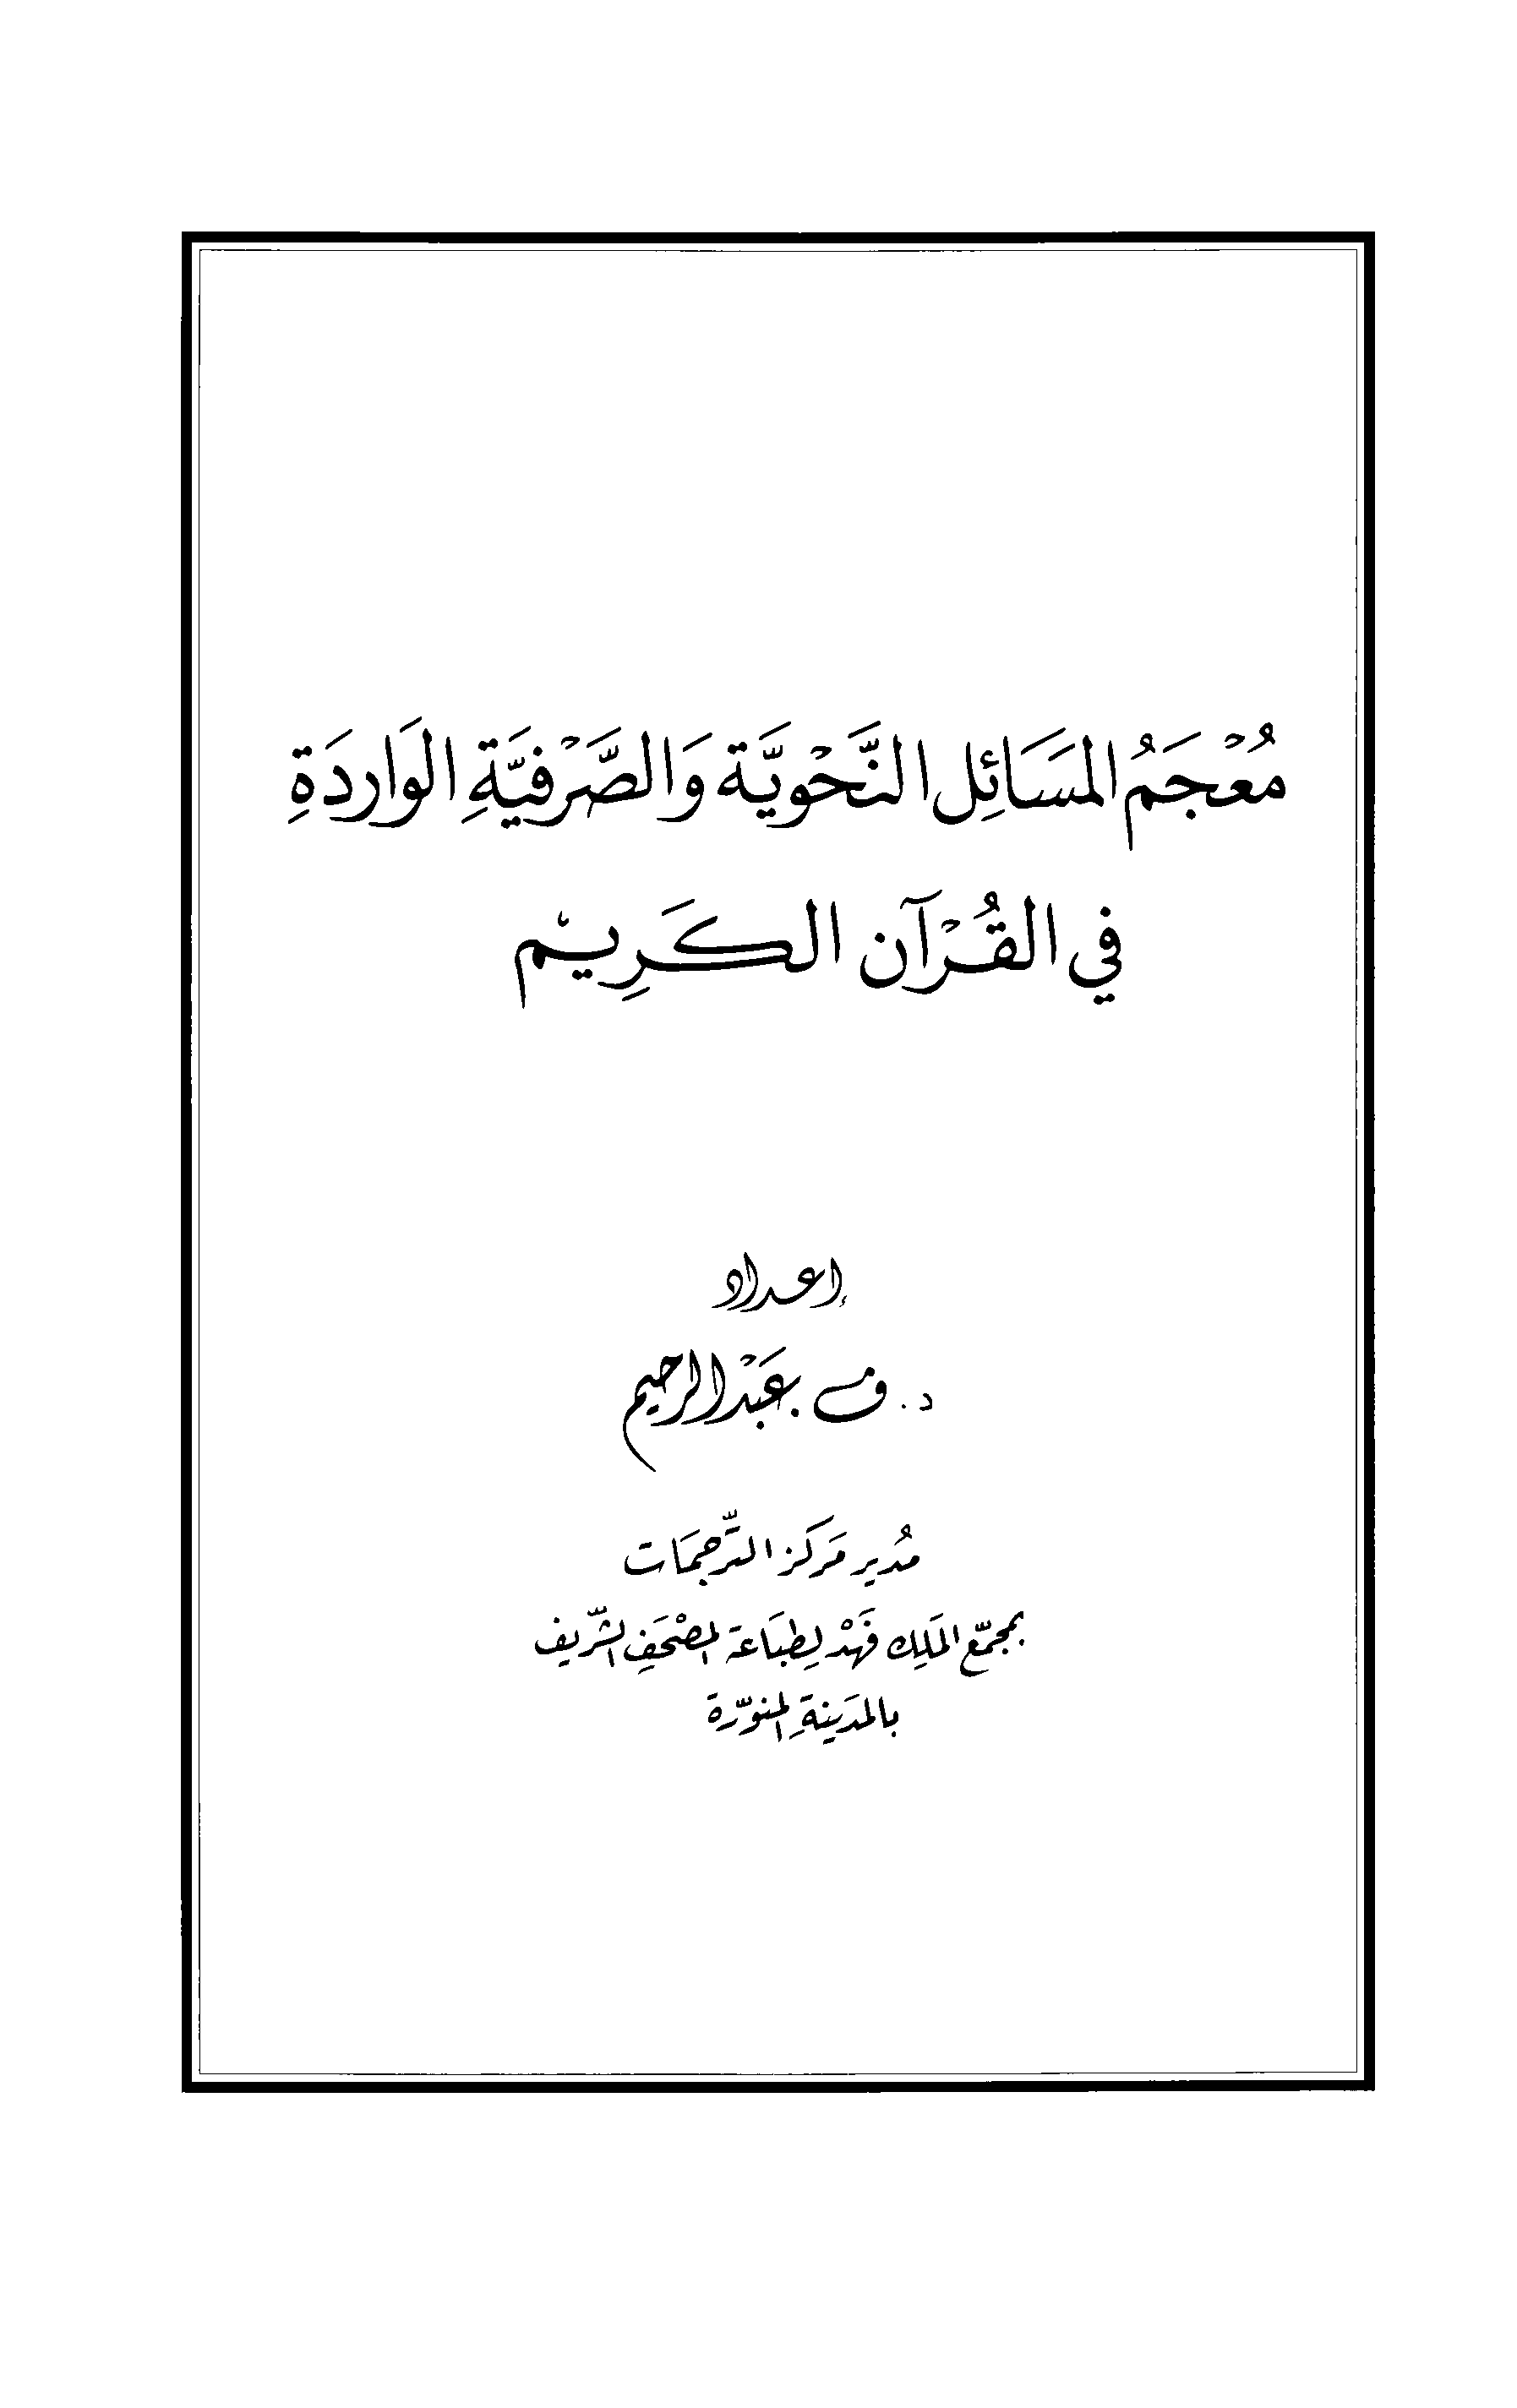 تحميل كتاب معجم المسائل النحوية والصرفية الواردة في القرآن الكريم لـِ: الدكتور فانيامبادي عبد الرحيم، المعروف باسم «ف. عبد الرحيم»